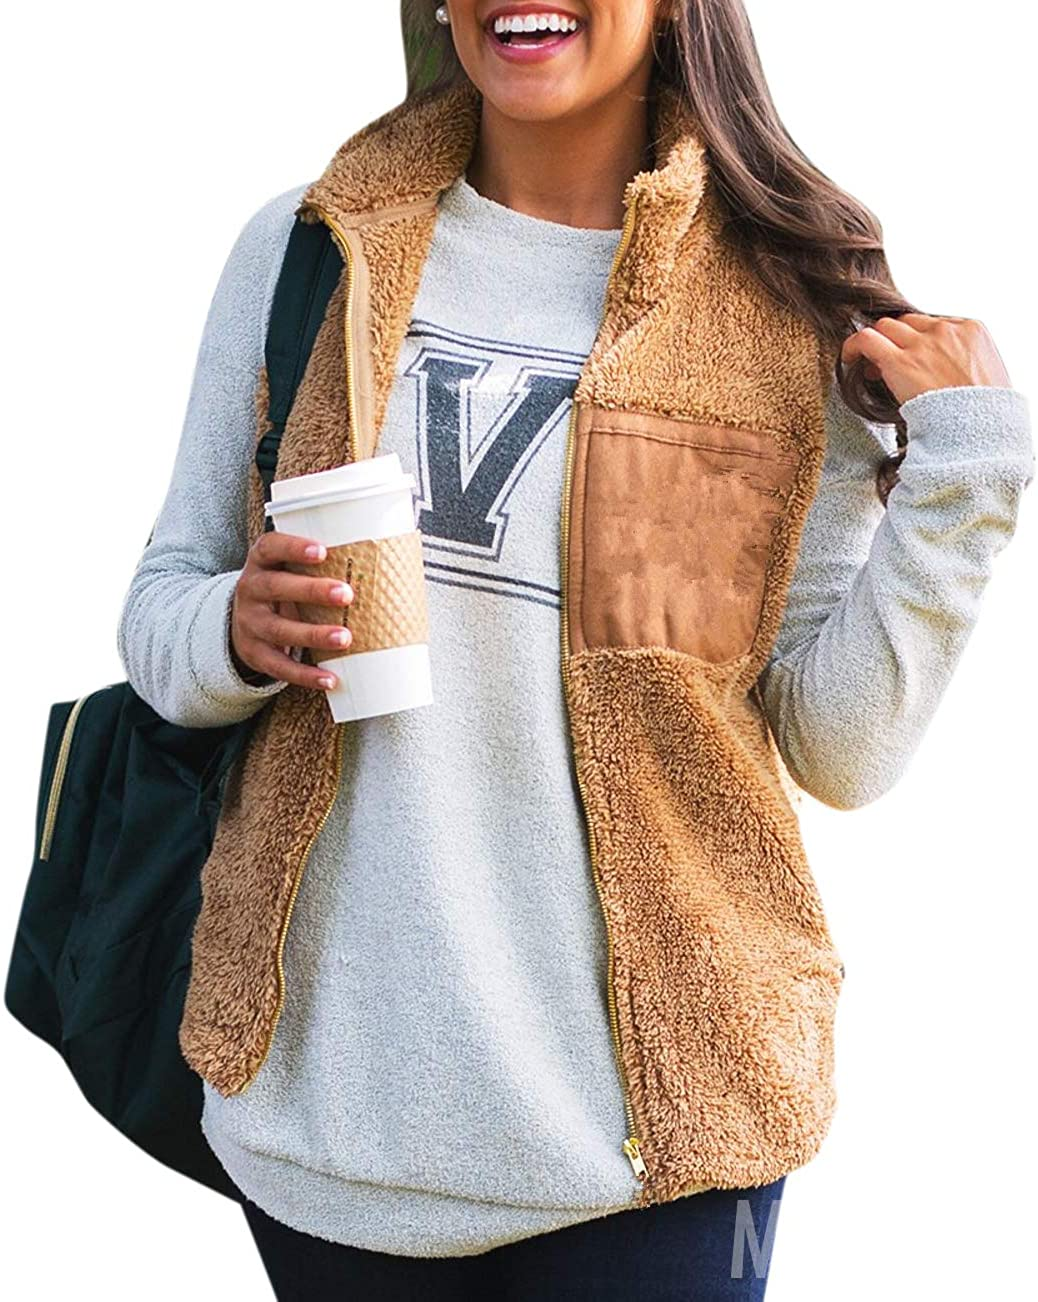 Grimgrow Womens Casual Sherpa Fleece Zipper Vest Lightweight Sleeveless Cardigan